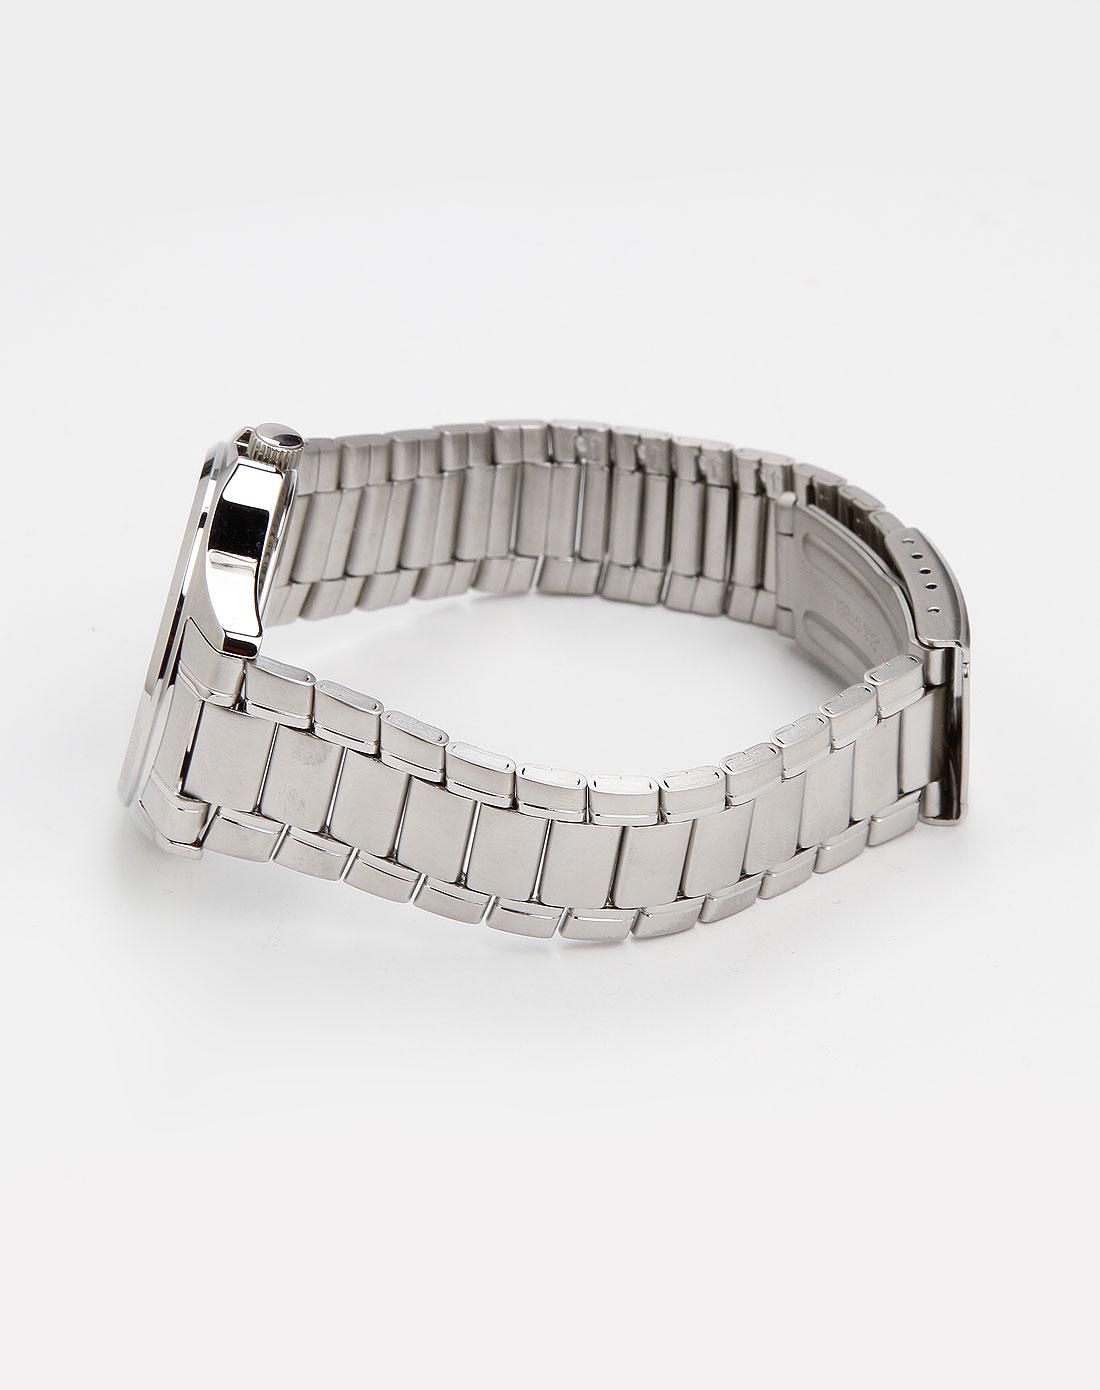 男款银 蓝色时尚三眼手表 卡西欧手表专场特价3.8折起